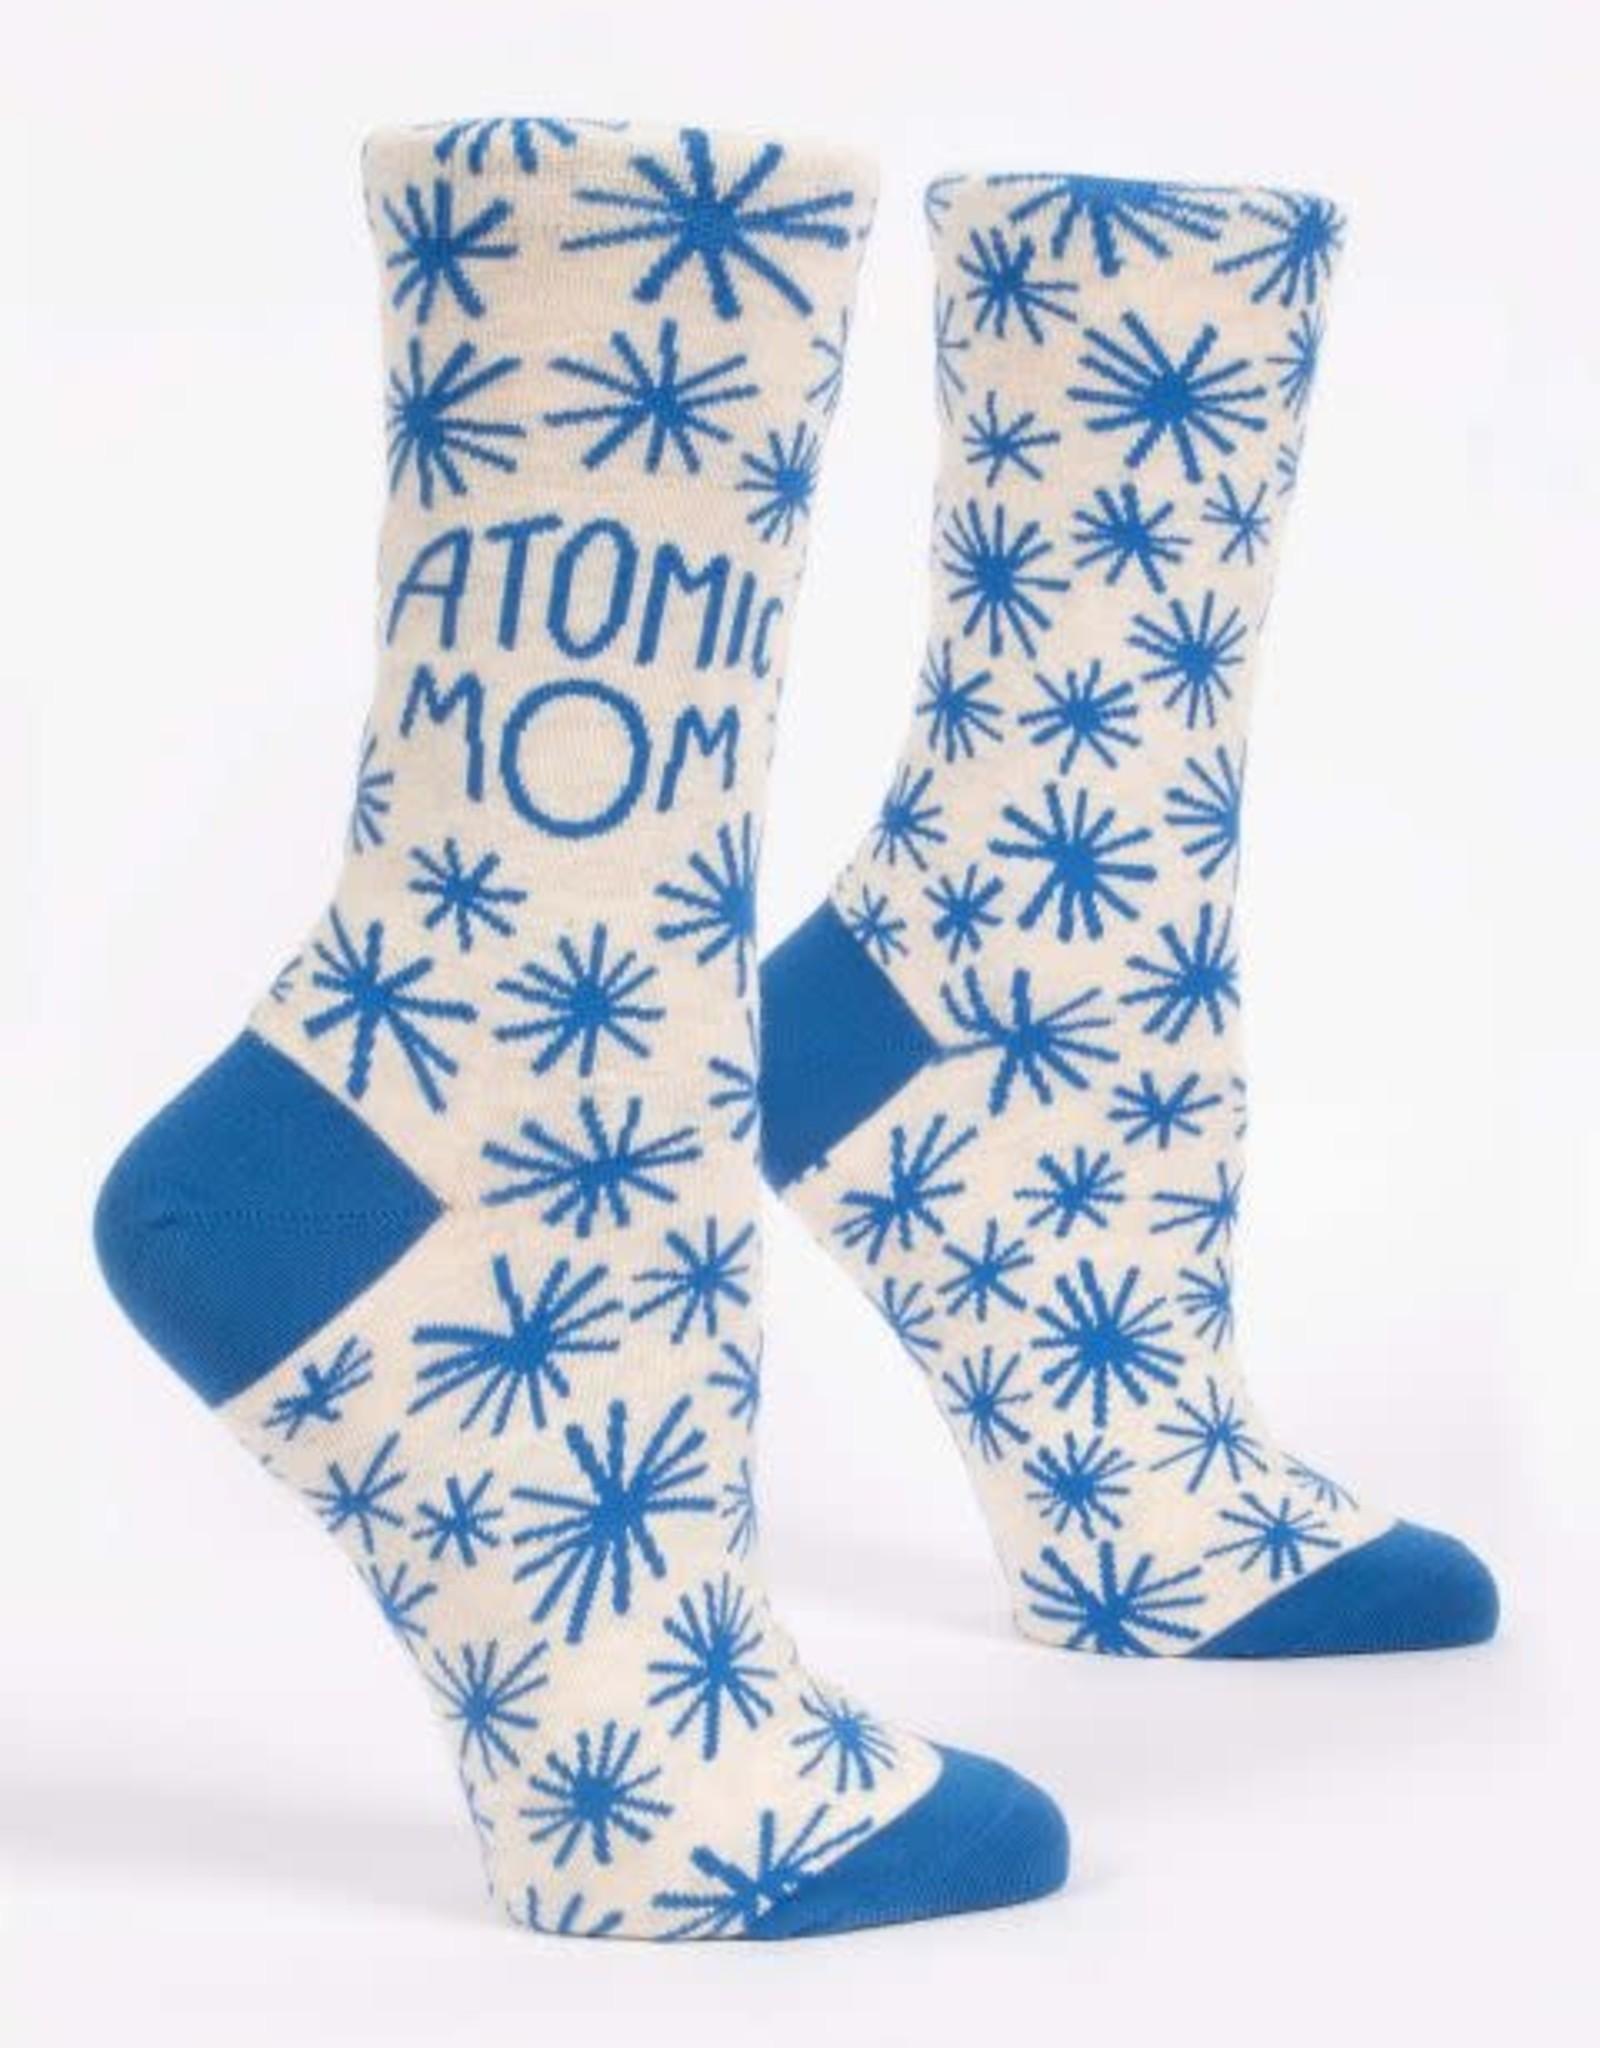 Atomic Mom Crew Socks